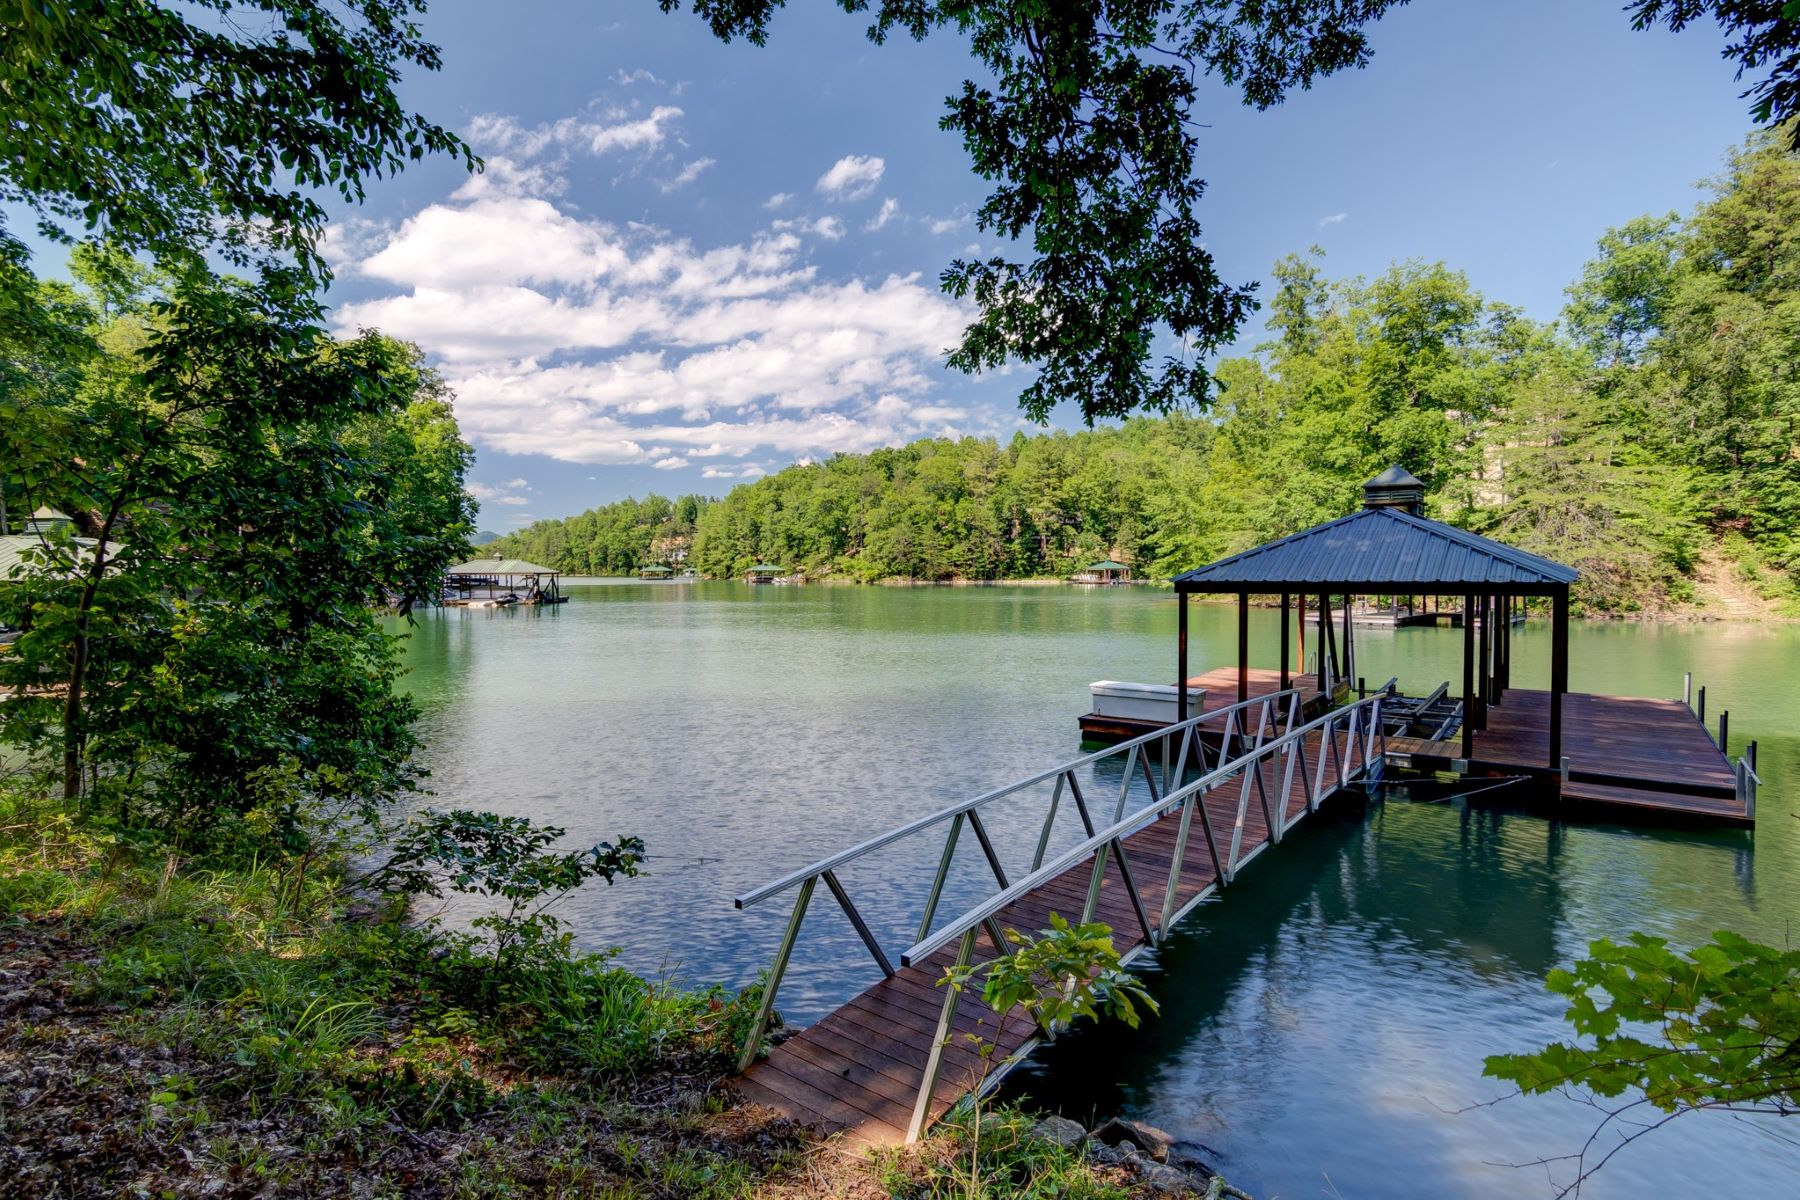 Terreno por un Venta en Waterfront Lot with Mtn Views! CKS 1-92, Six Mile, Carolina del Sur 29682 Estados Unidos